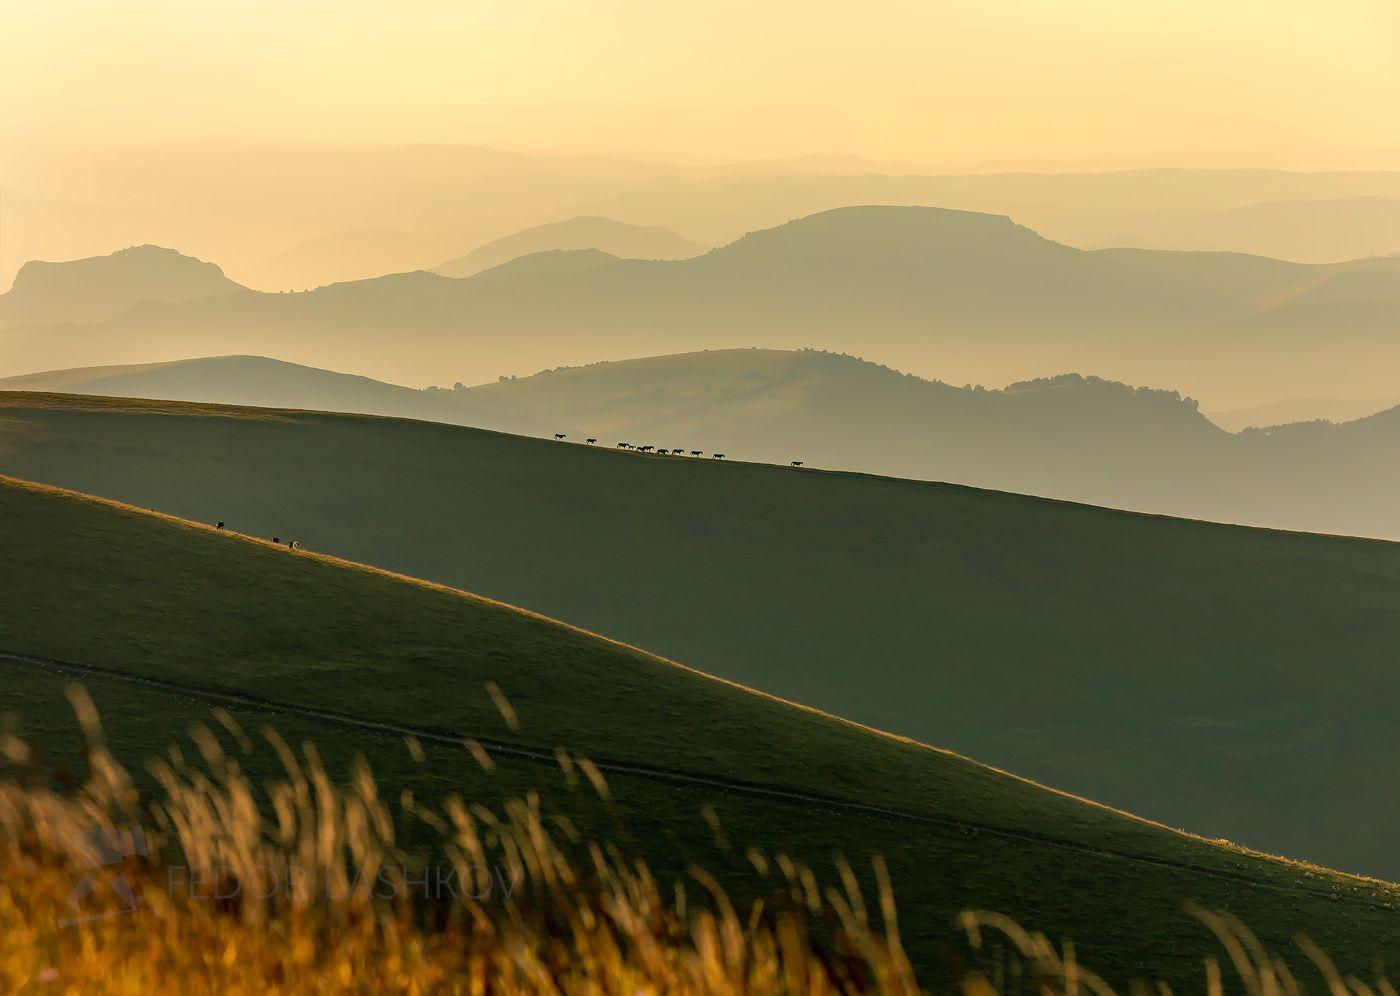 Горизонты Горы гора Кавказ лошади коровы рассвет туман дымка даль горизонт холмистый лето табун Северный Теберда вершина путешествие